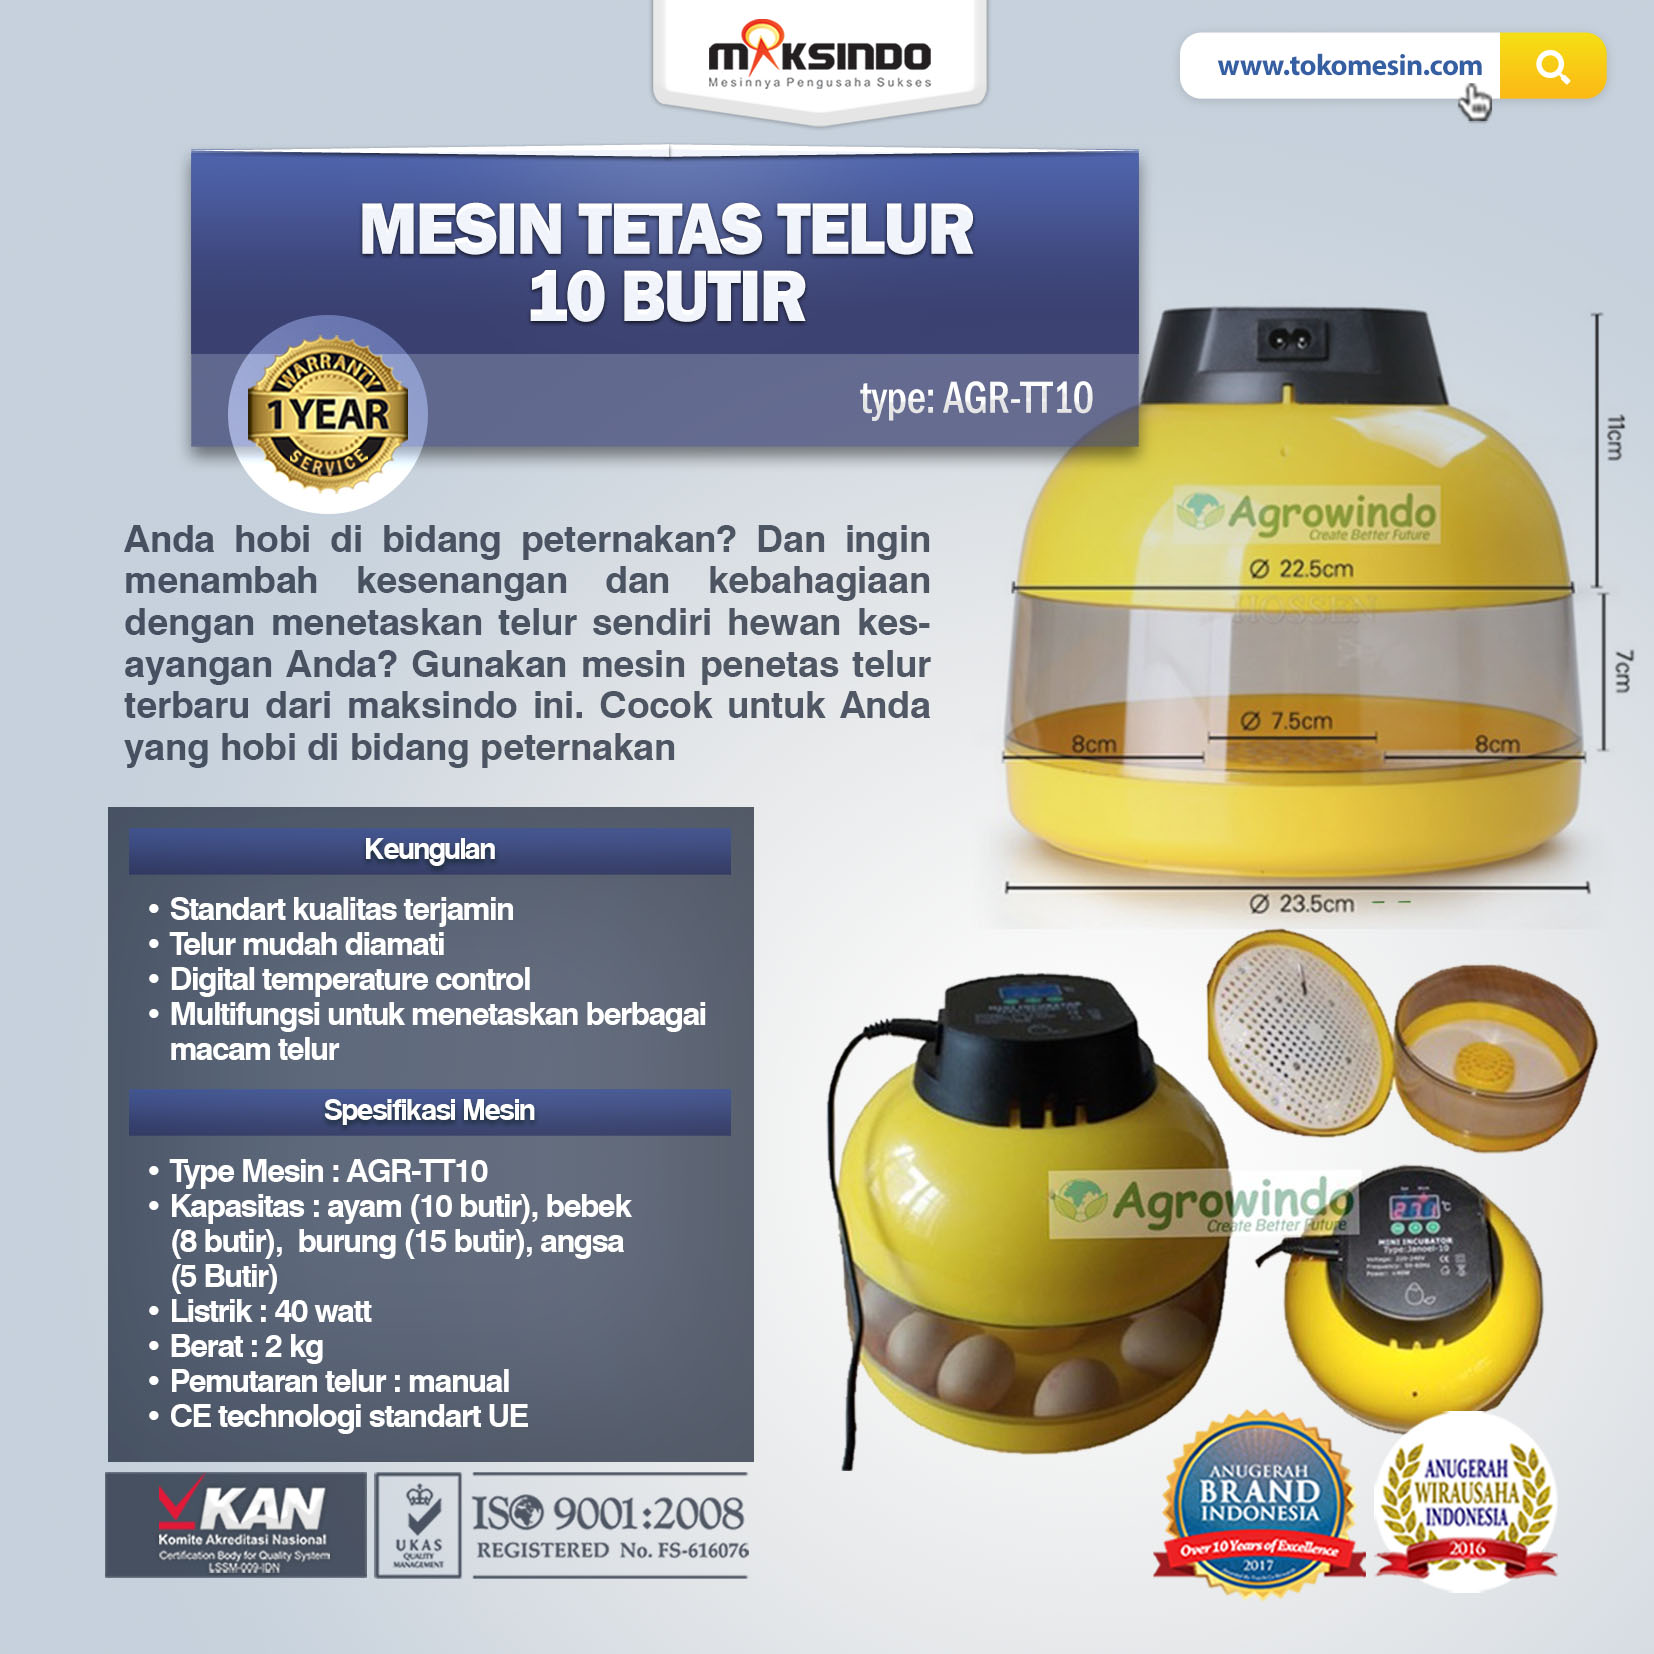 Jual Mesin Tetas Telur 10 Butir (AGR-TT-10) di Tangerang